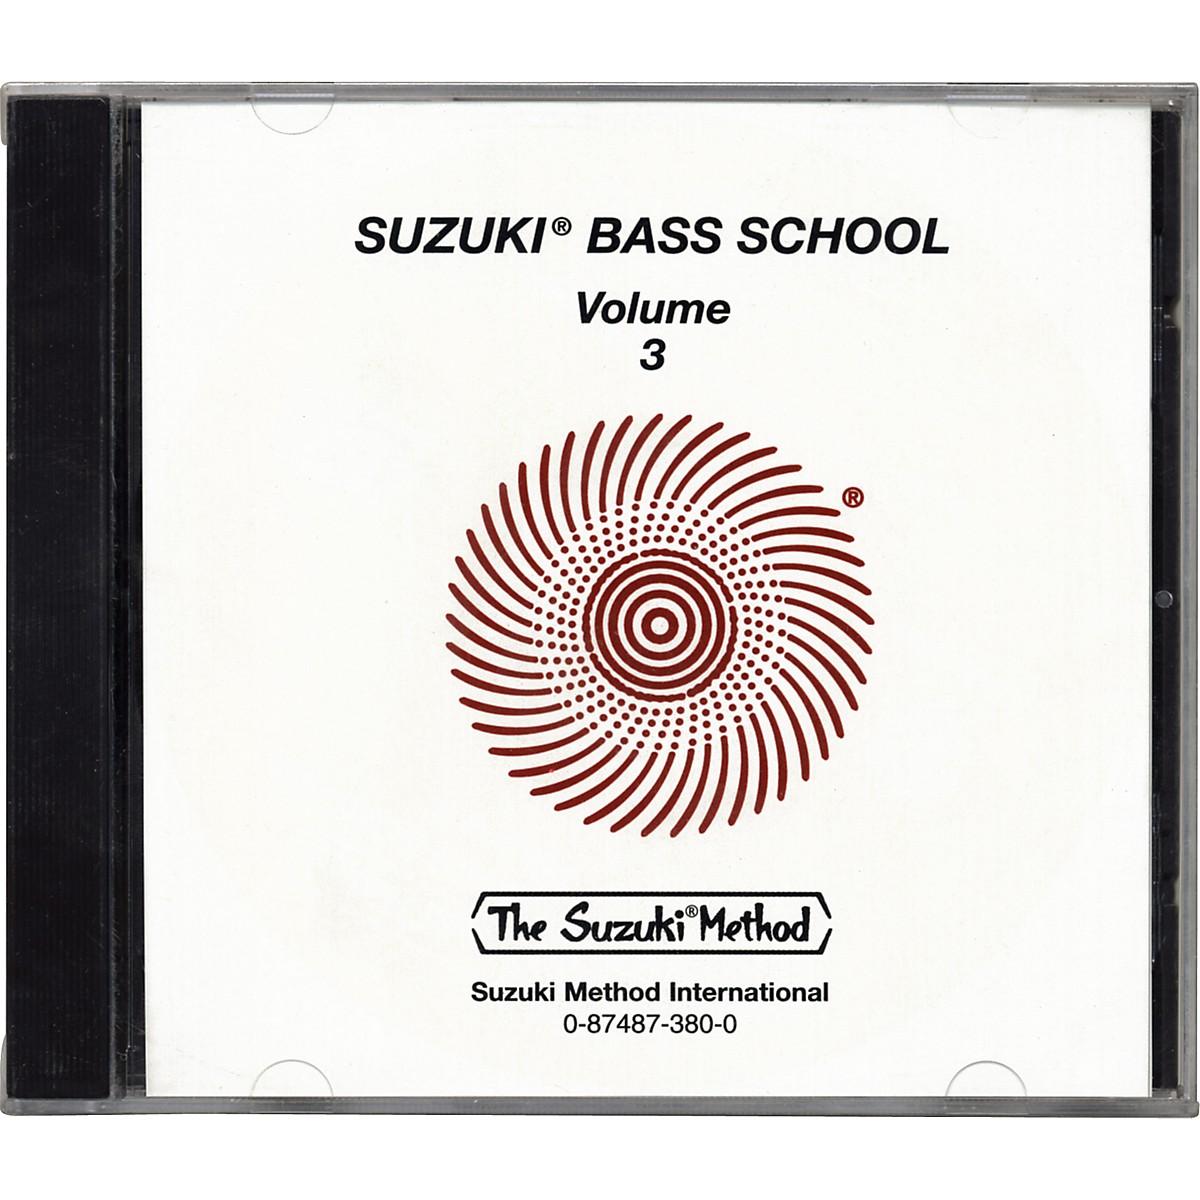 Alfred Suzuki Bass School CD Volume 3